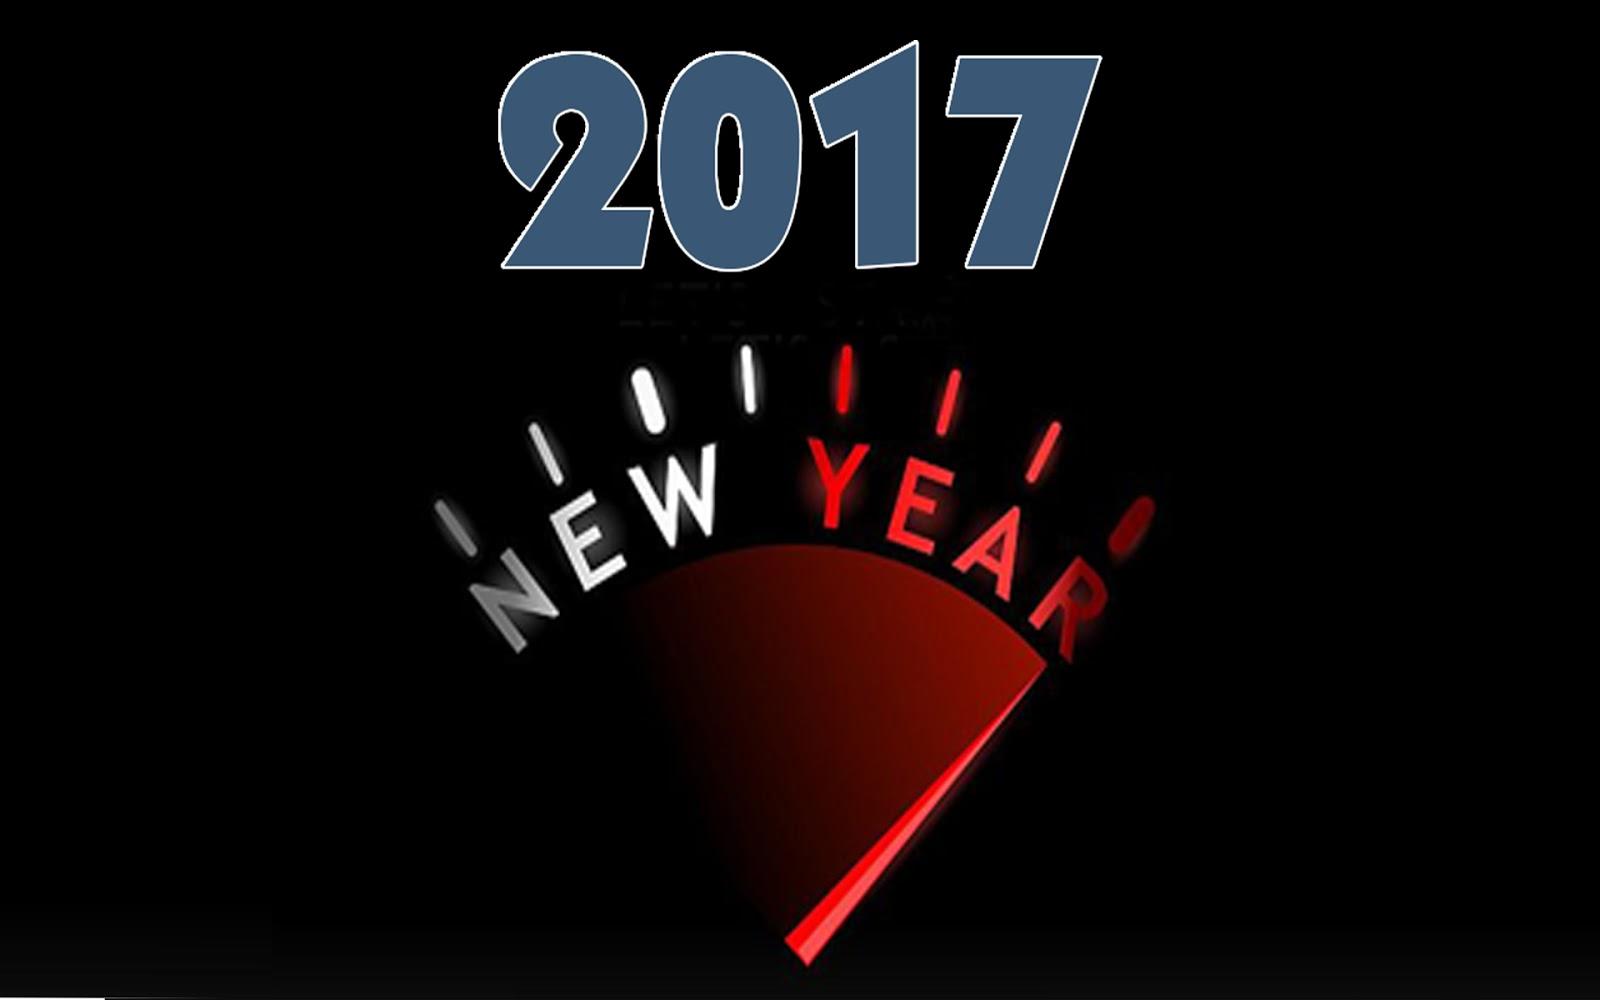 happy new year from scrc south coast rc club